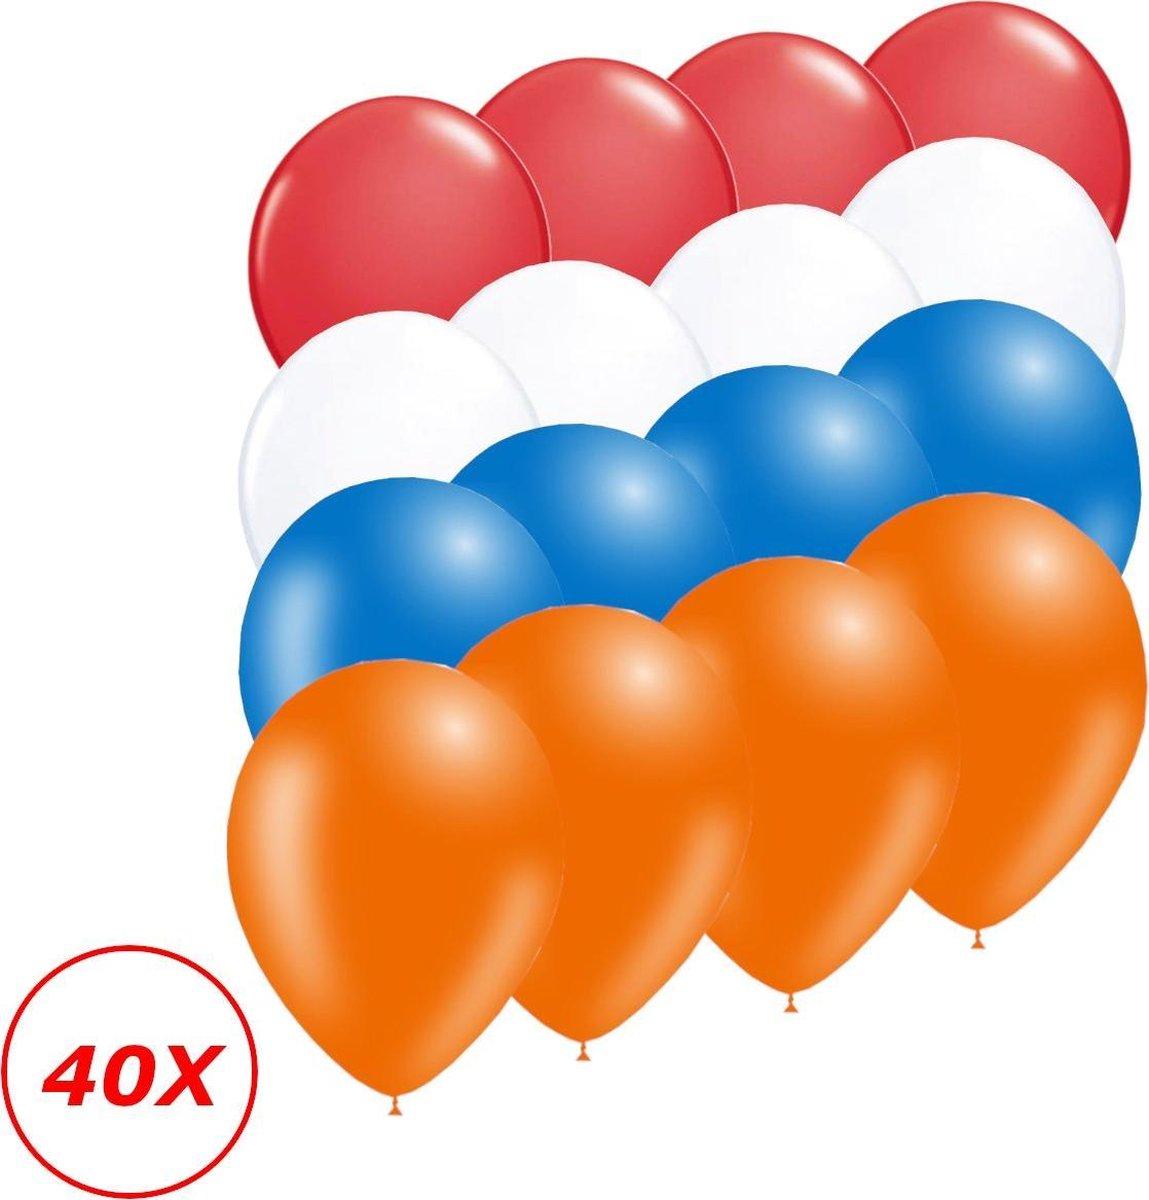 Oranje Versiering Ballonnen Oranje Rode Witte Blauwe EK Koningsdag WK 40 Stuks Feestversiering Verja